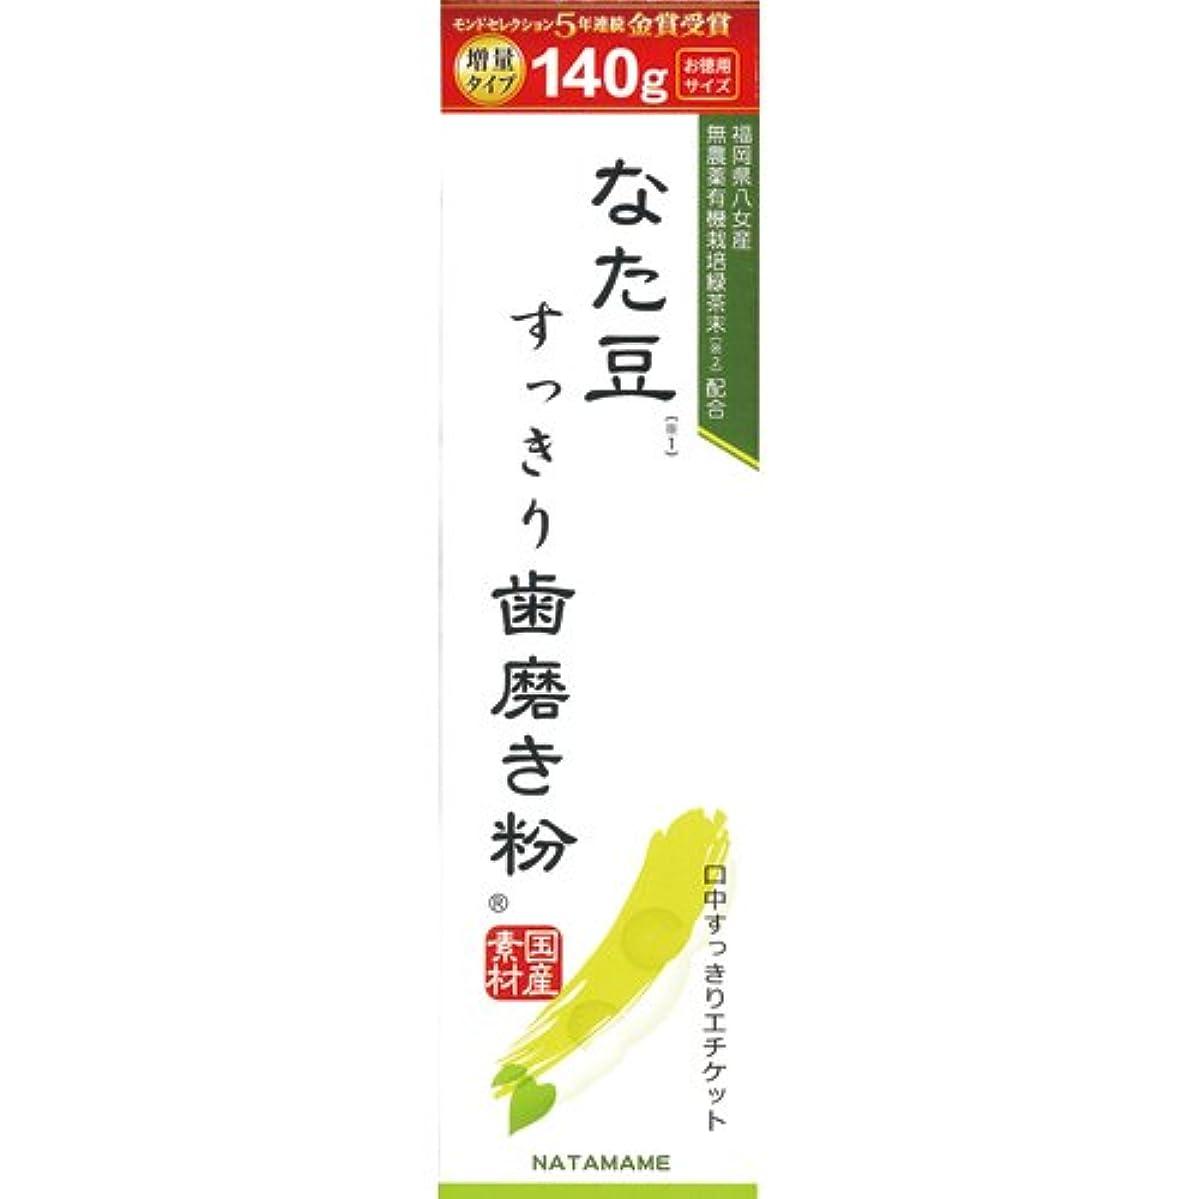 レンジアウター責任者なた豆すっきり歯磨き粉 140g